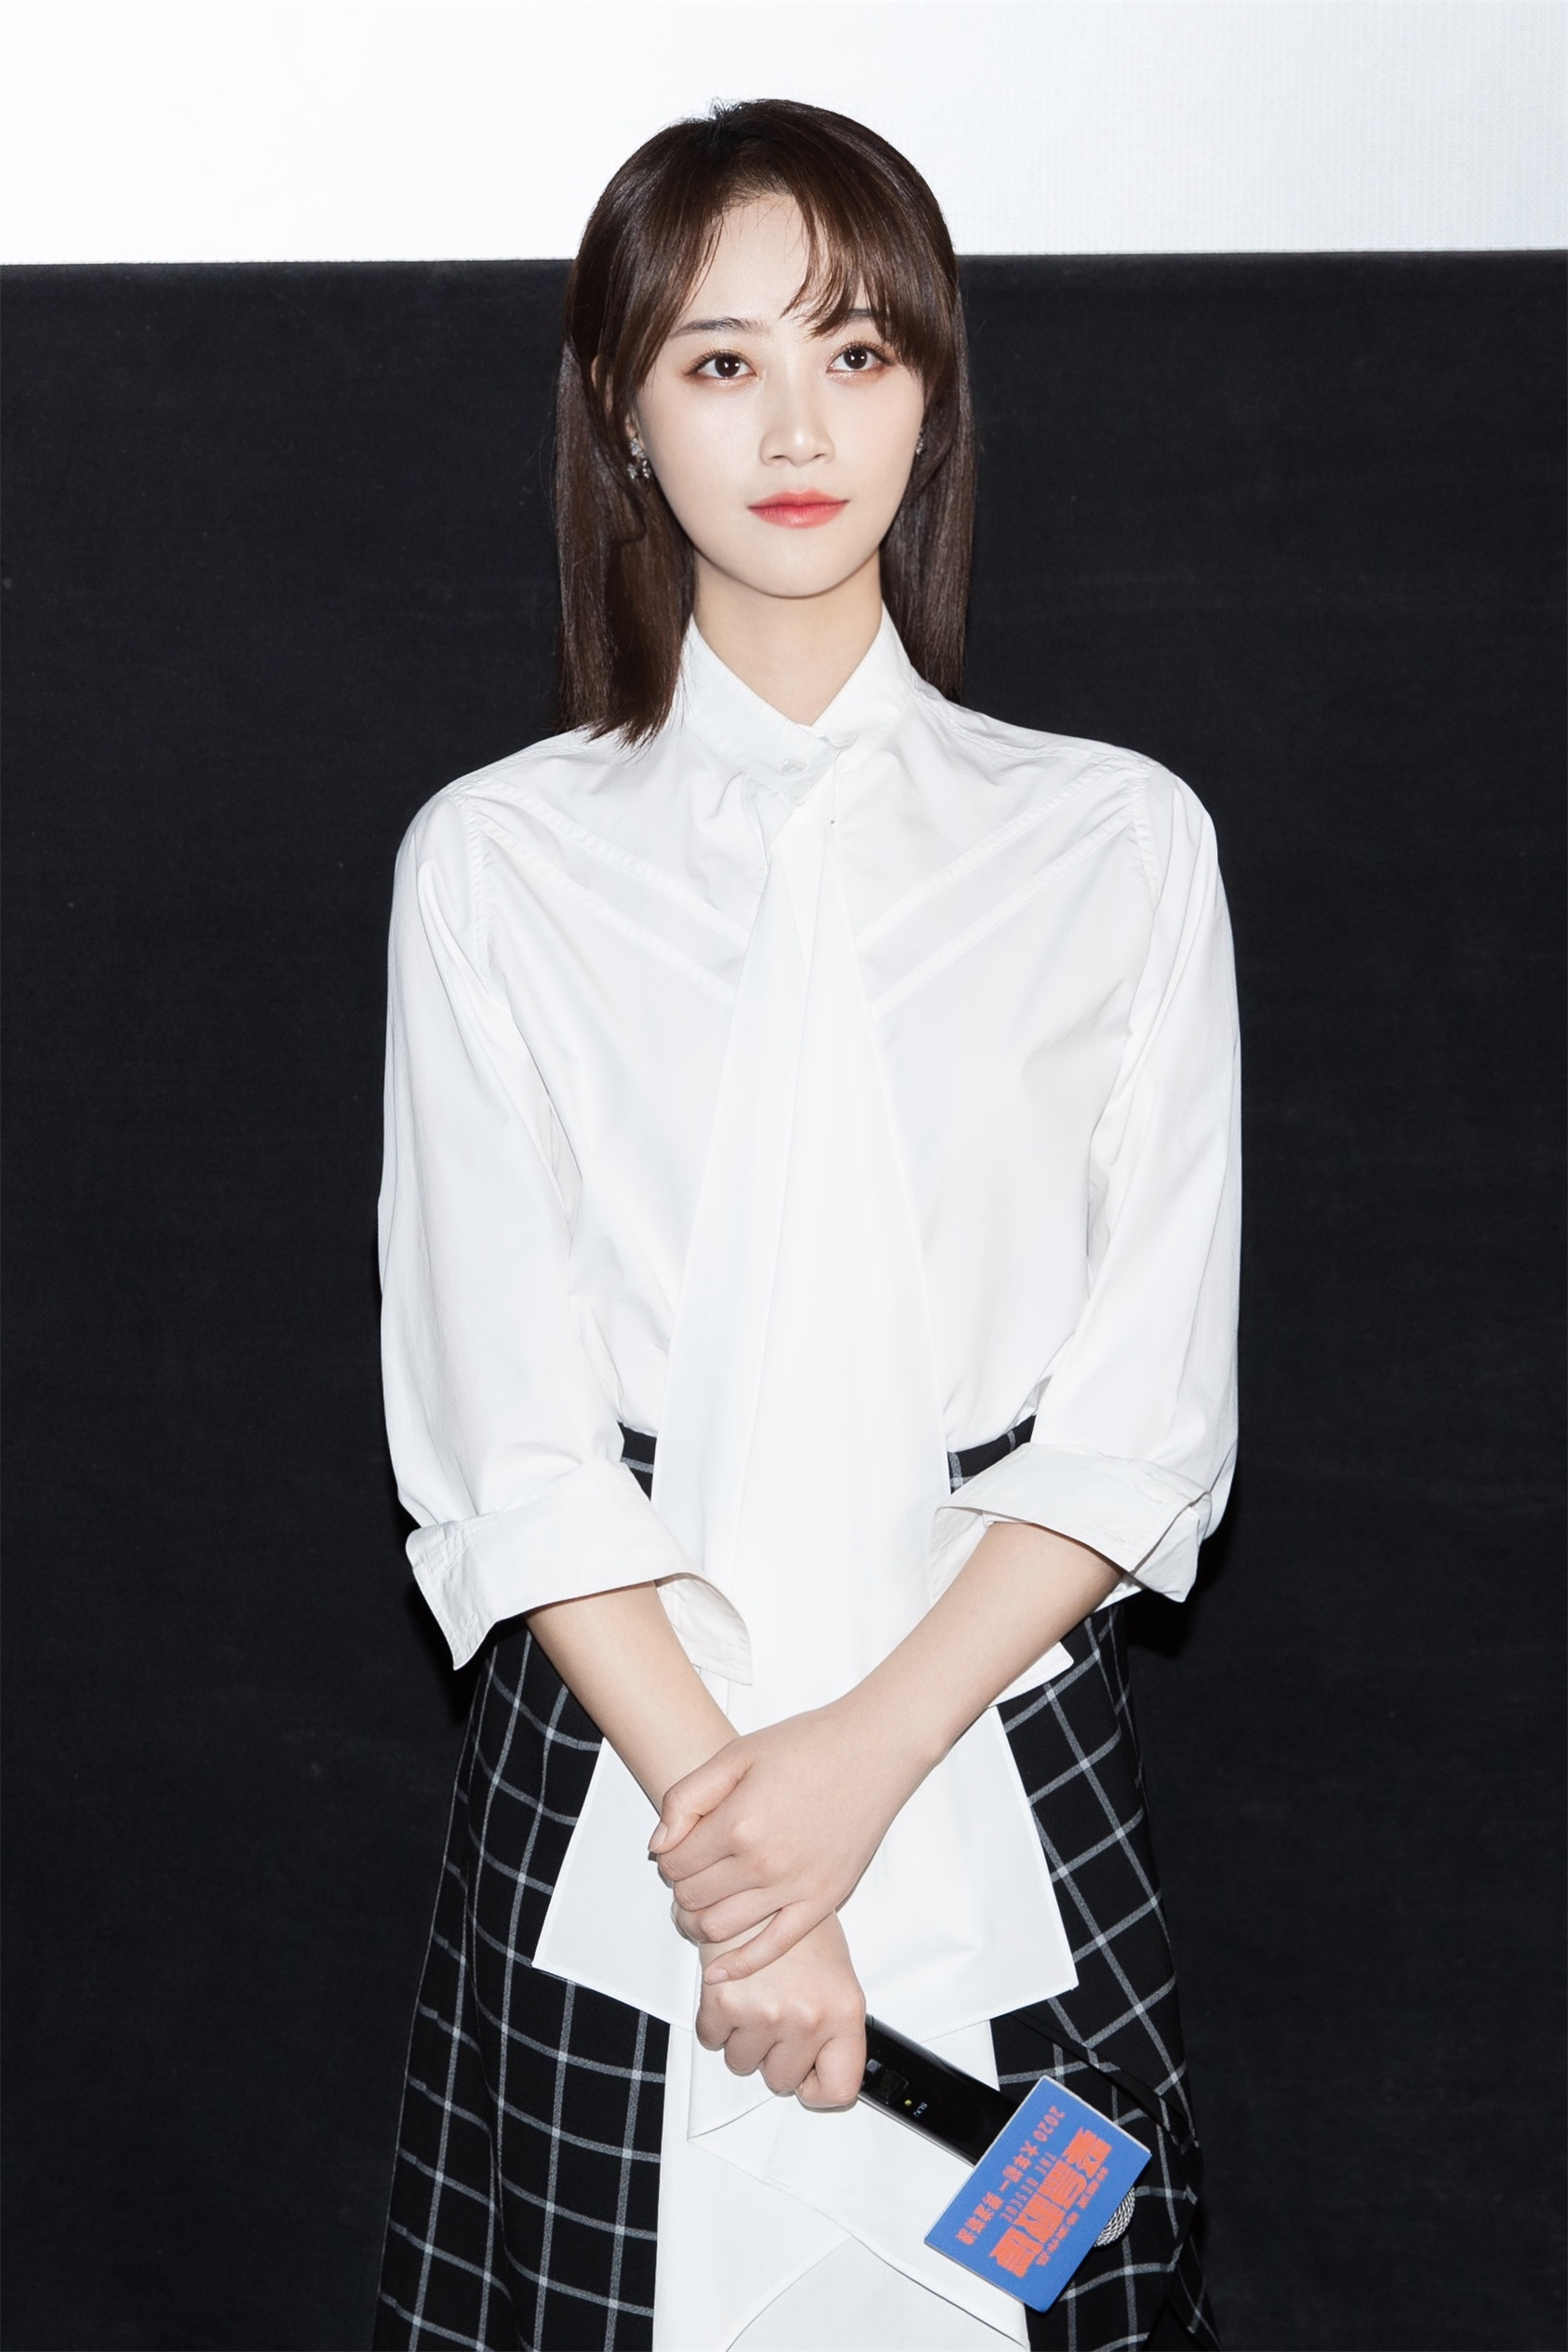 """蓝盈莹《紧急救援》路演  现场约戏期待被""""虐"""""""